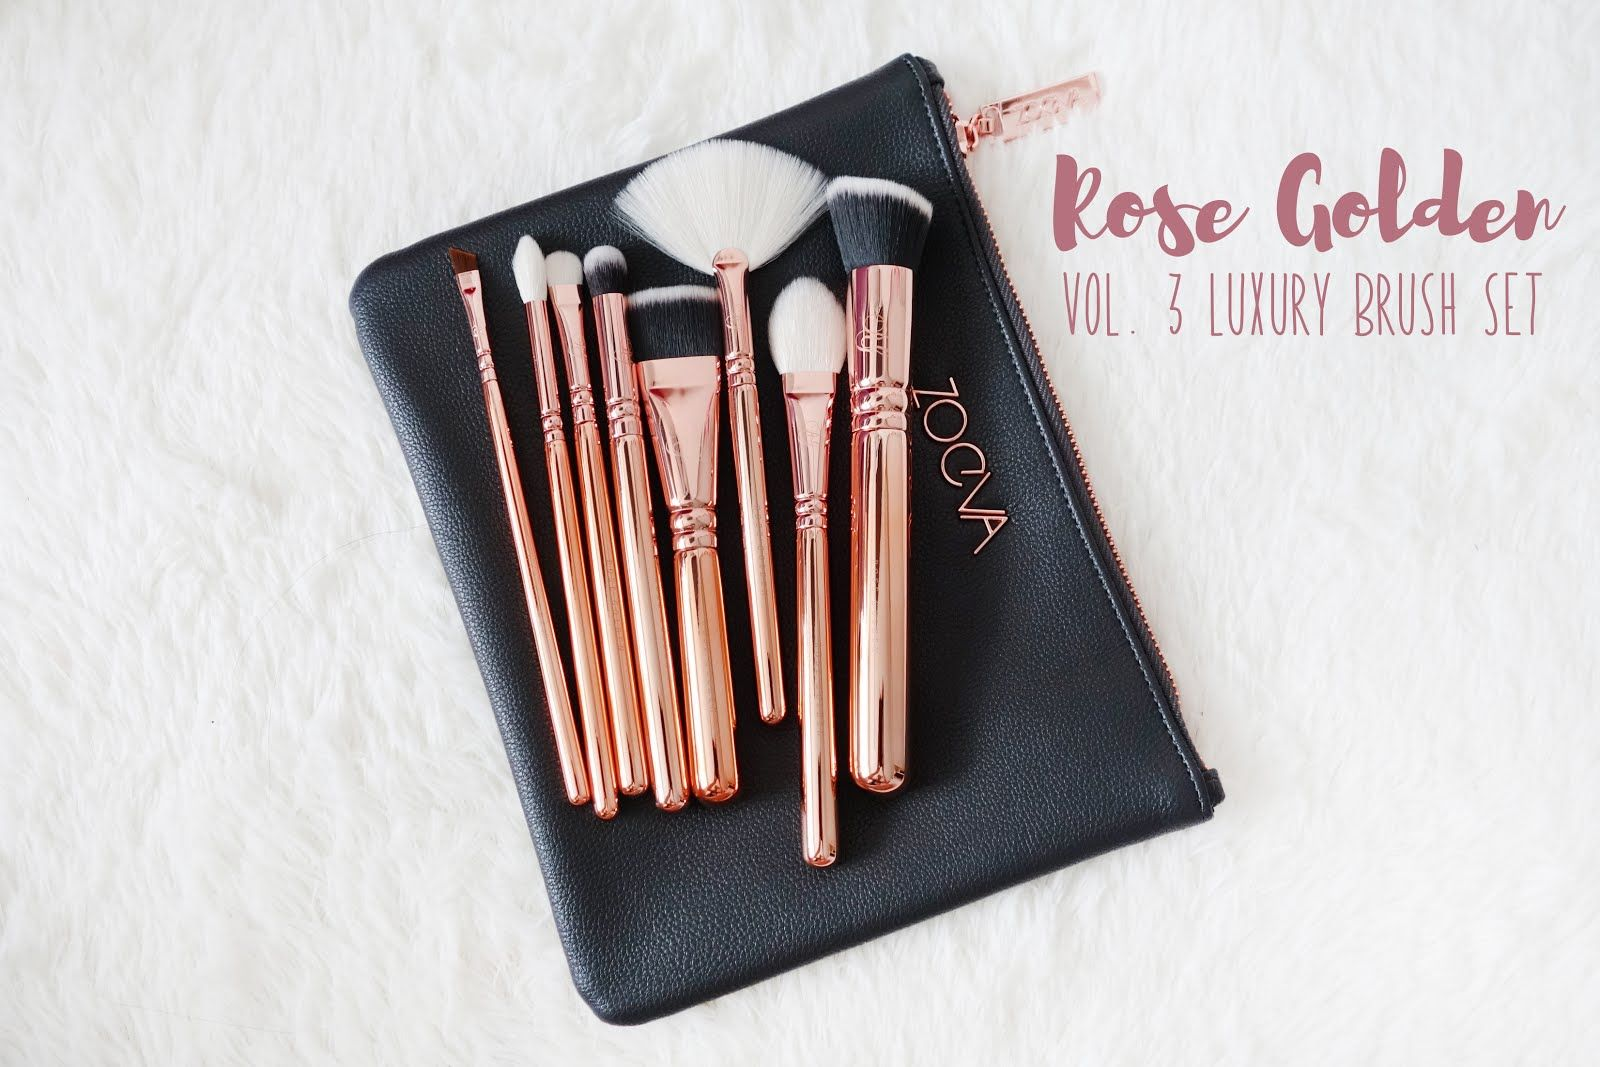 Zoeva Rose Golden Vol. 3 Luxury Brush Set & Rose Golden